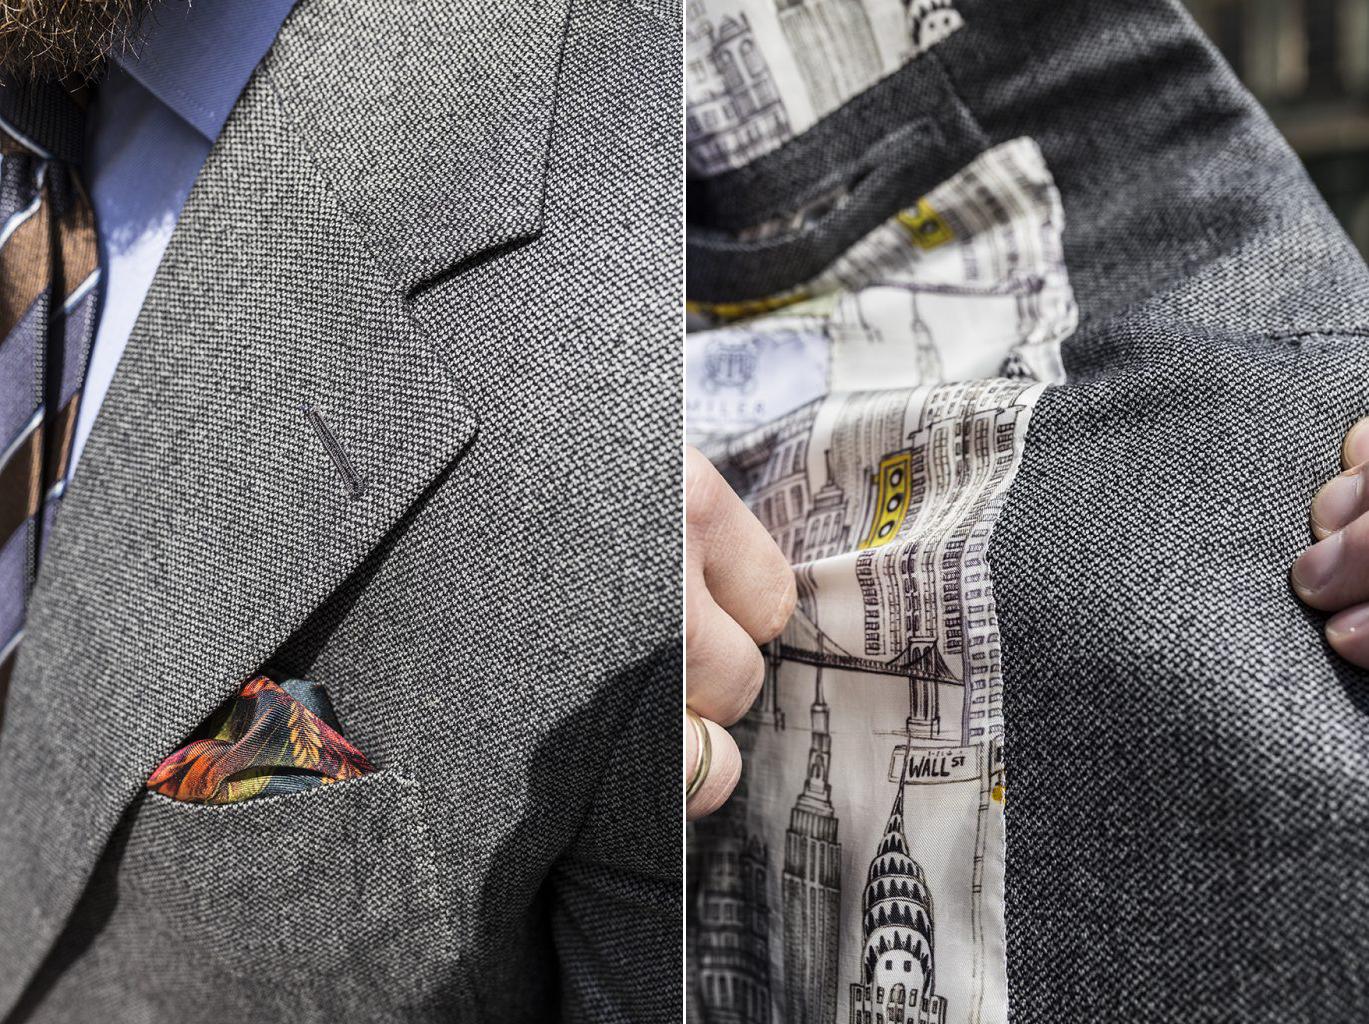 spodnie-na-szelki-zestaw-koordynowany-blekitna-koszula-miler-menswear(9)